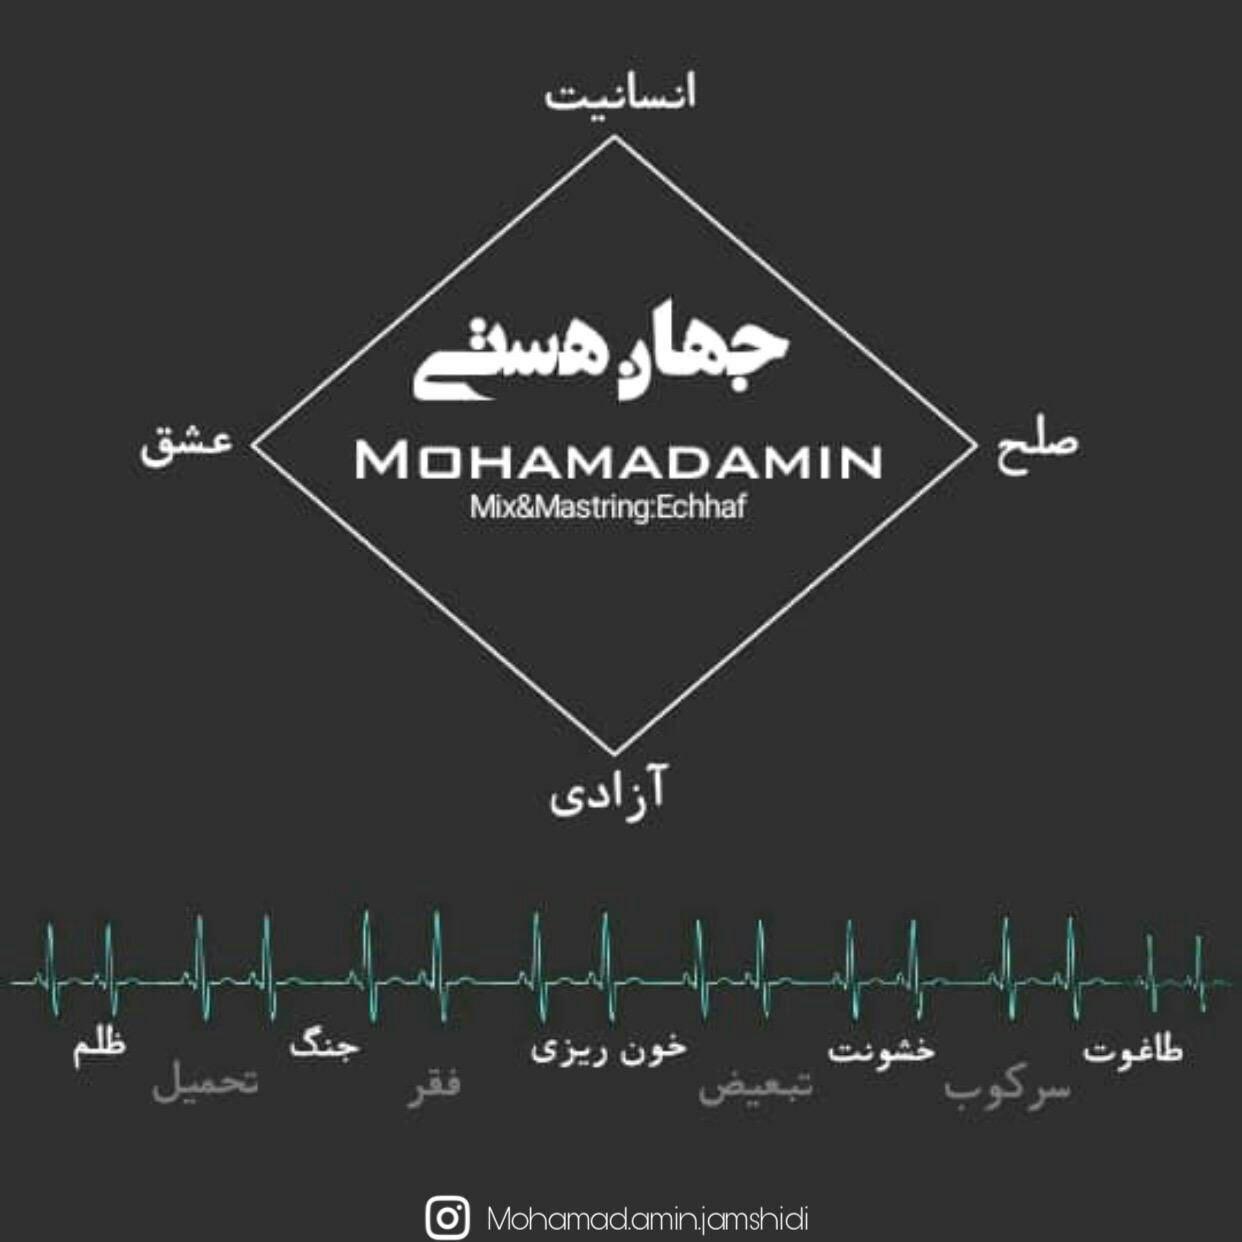 آهنگ جدید محمدامین به نام جهان هستی